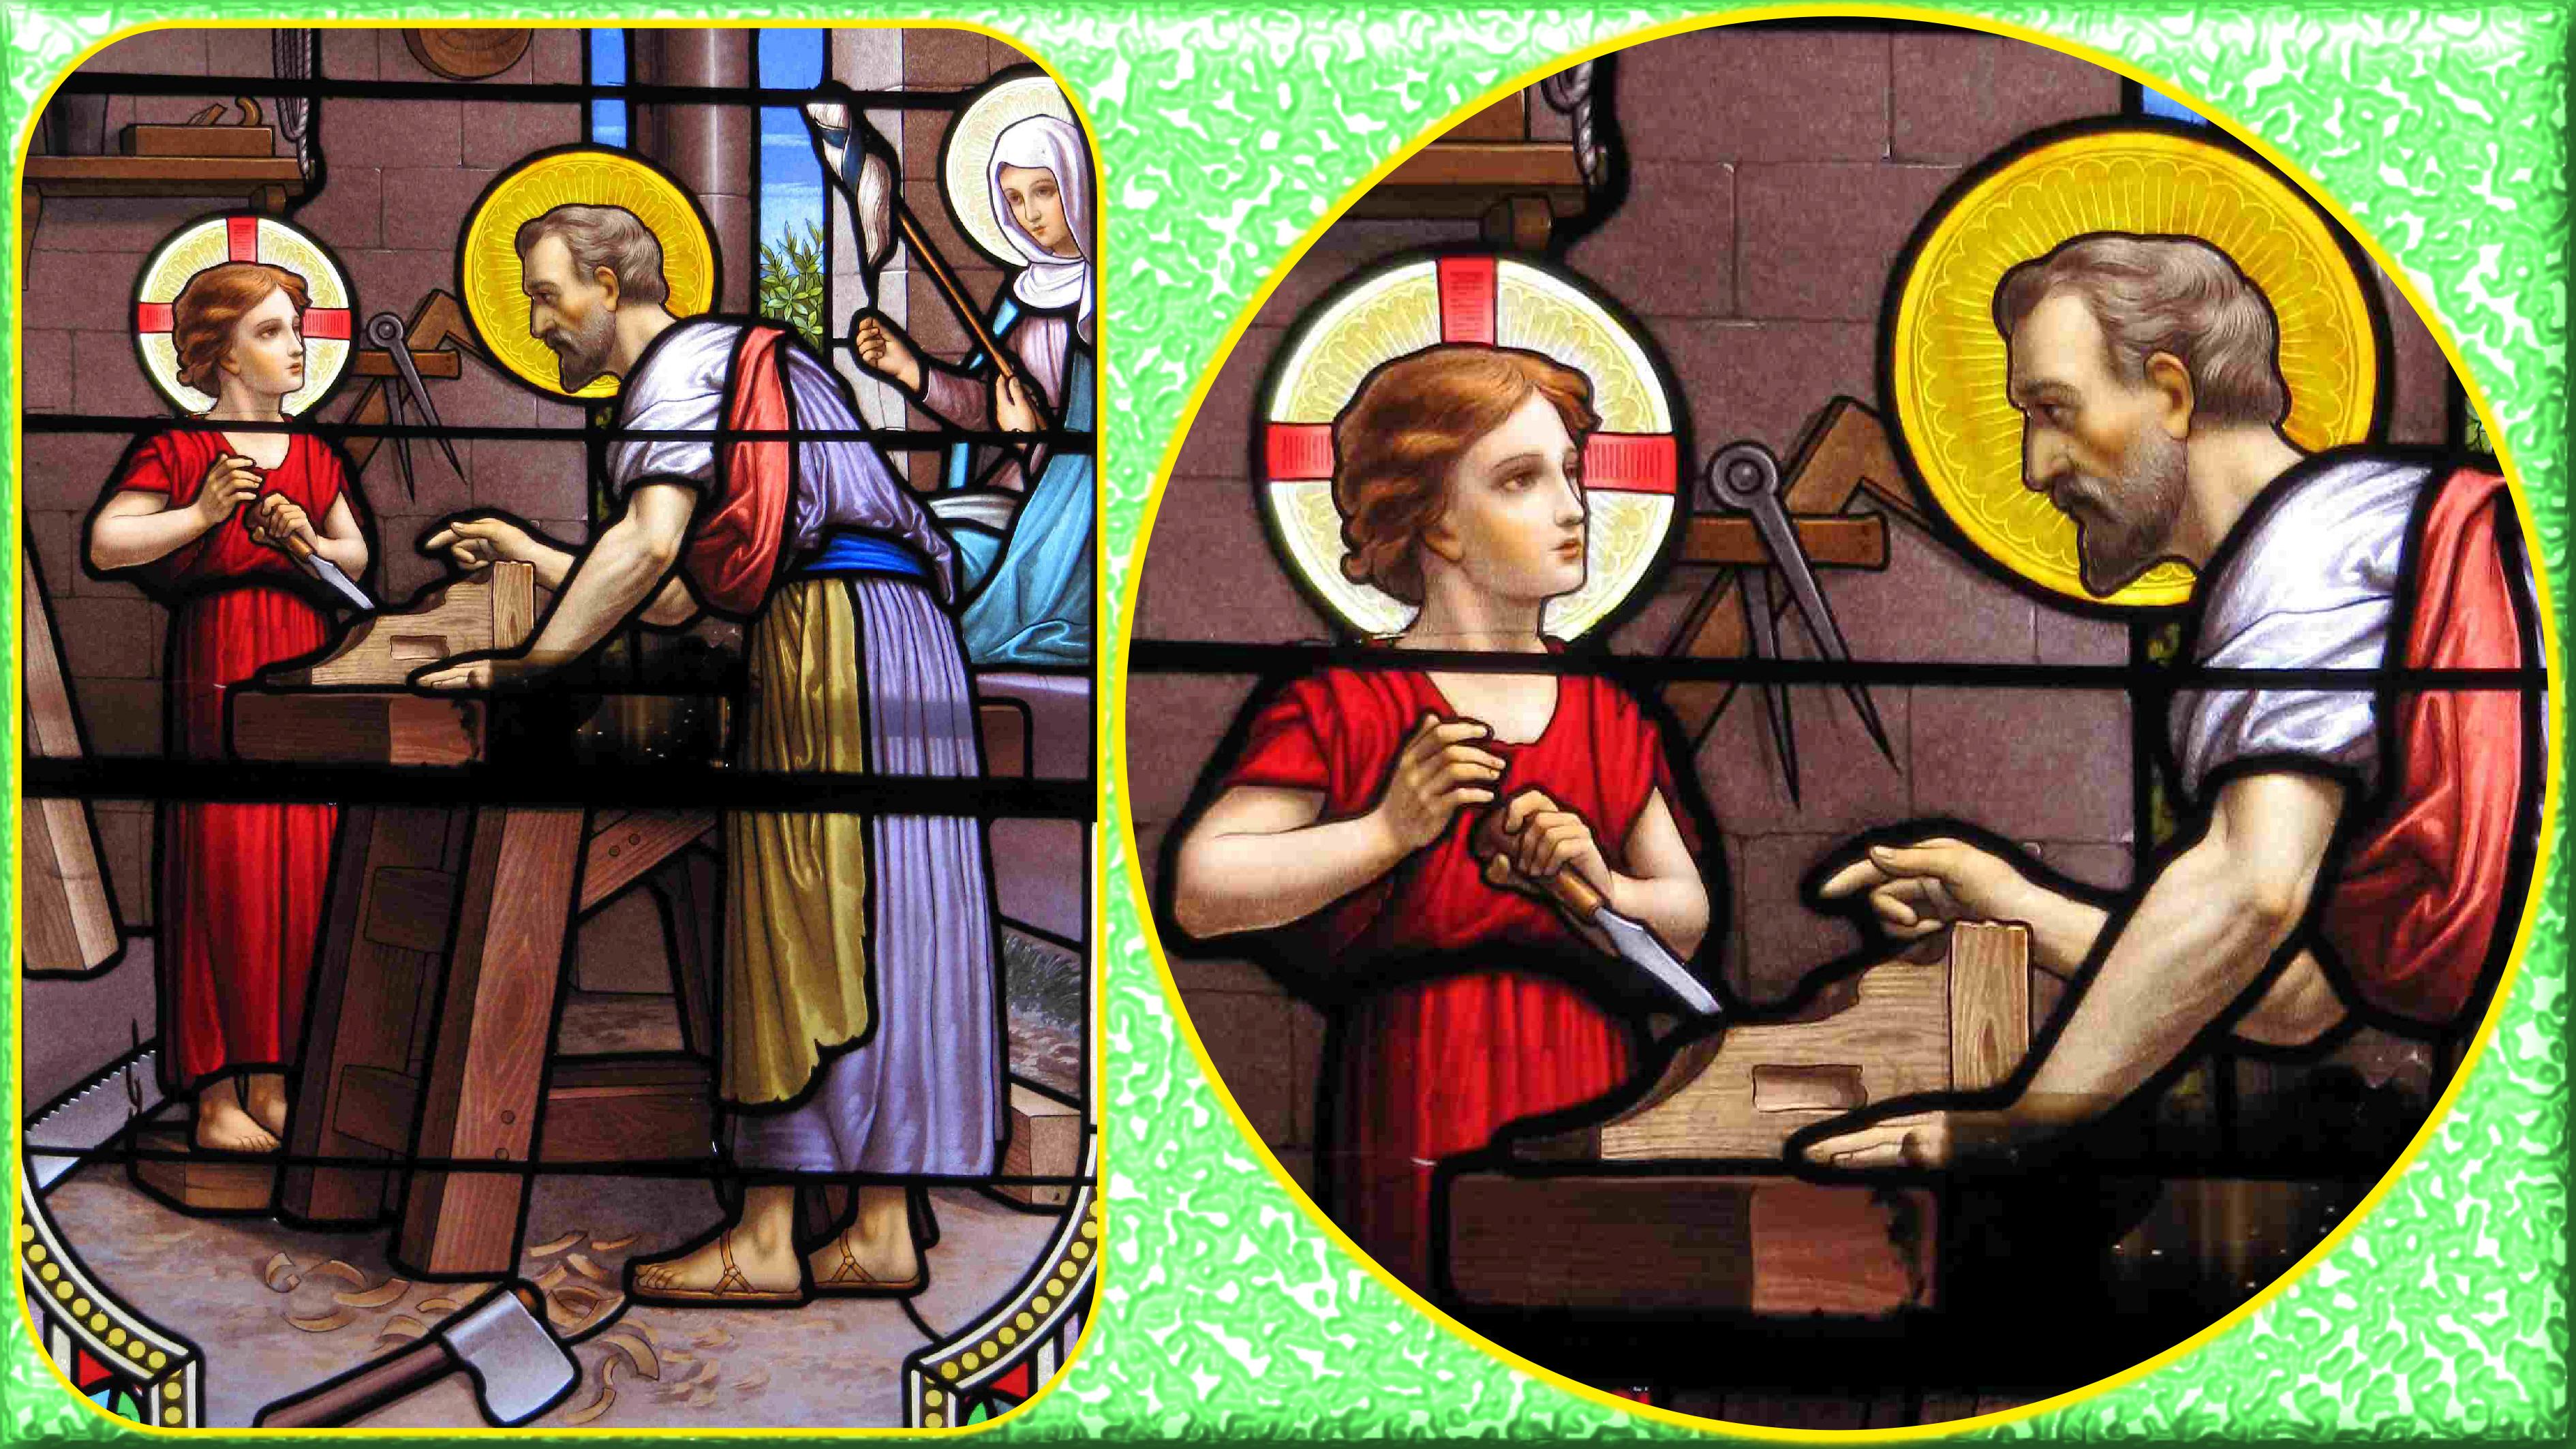 CALENDRIER CATHOLIQUE 2020 (Cantiques, Prières & Images) - Page 13 St-joseph-artisan-57528e5